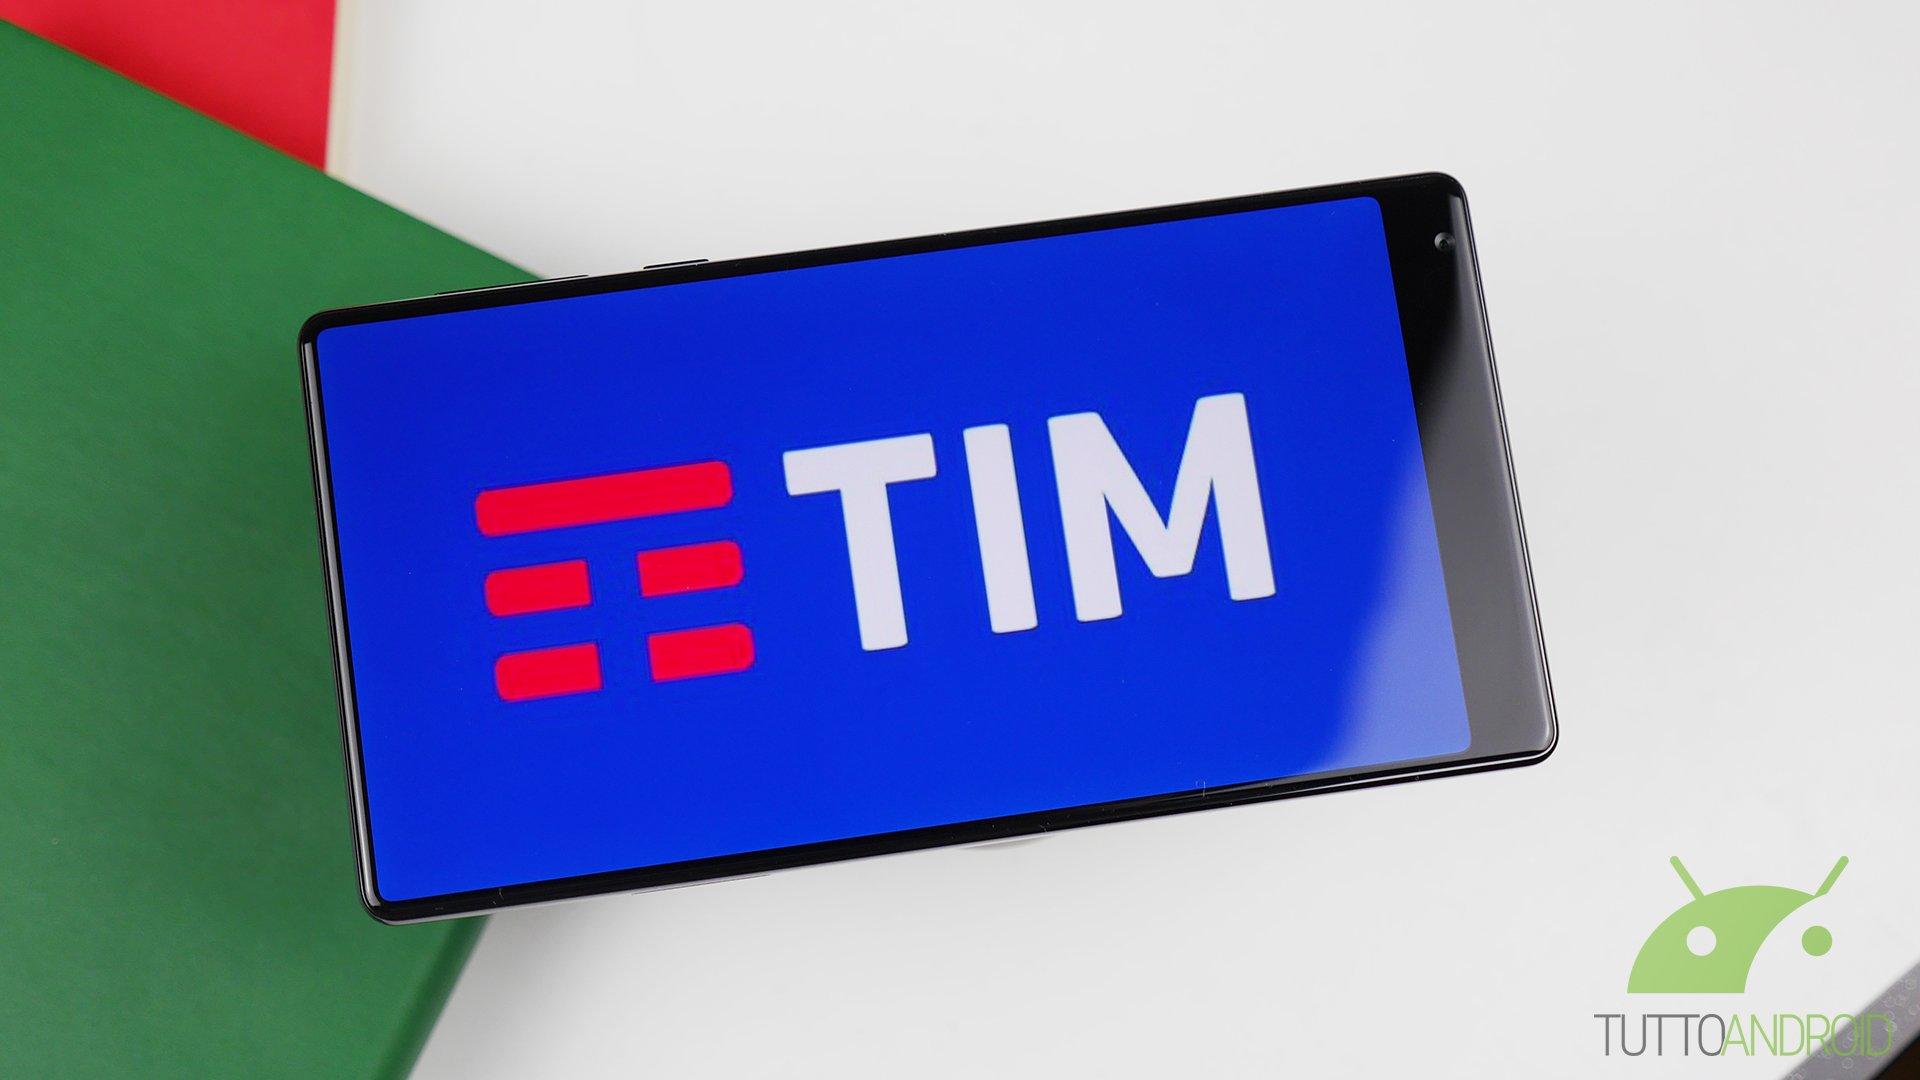 tim_tta_02